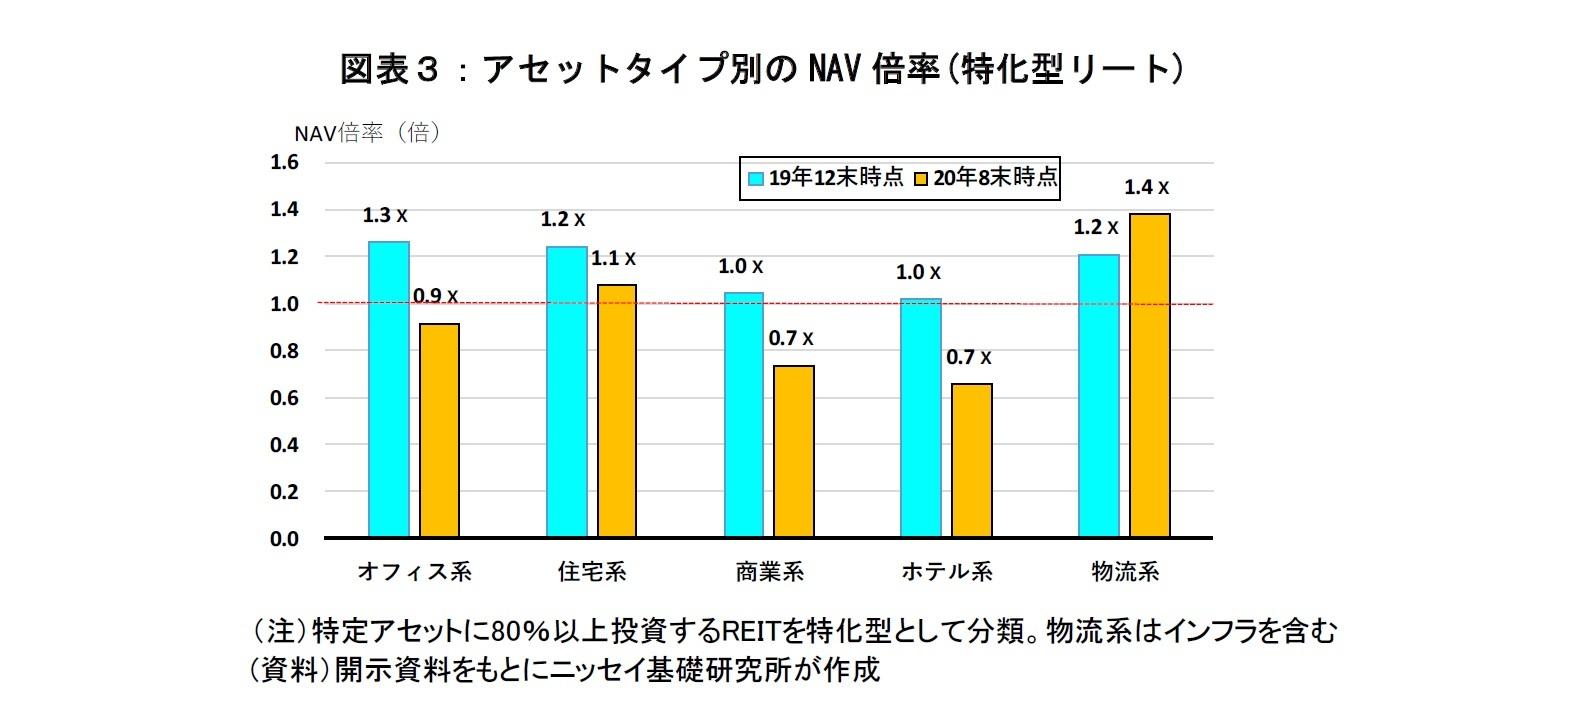 図表3:アセットタイプ別のNAV倍率(特化型リート)